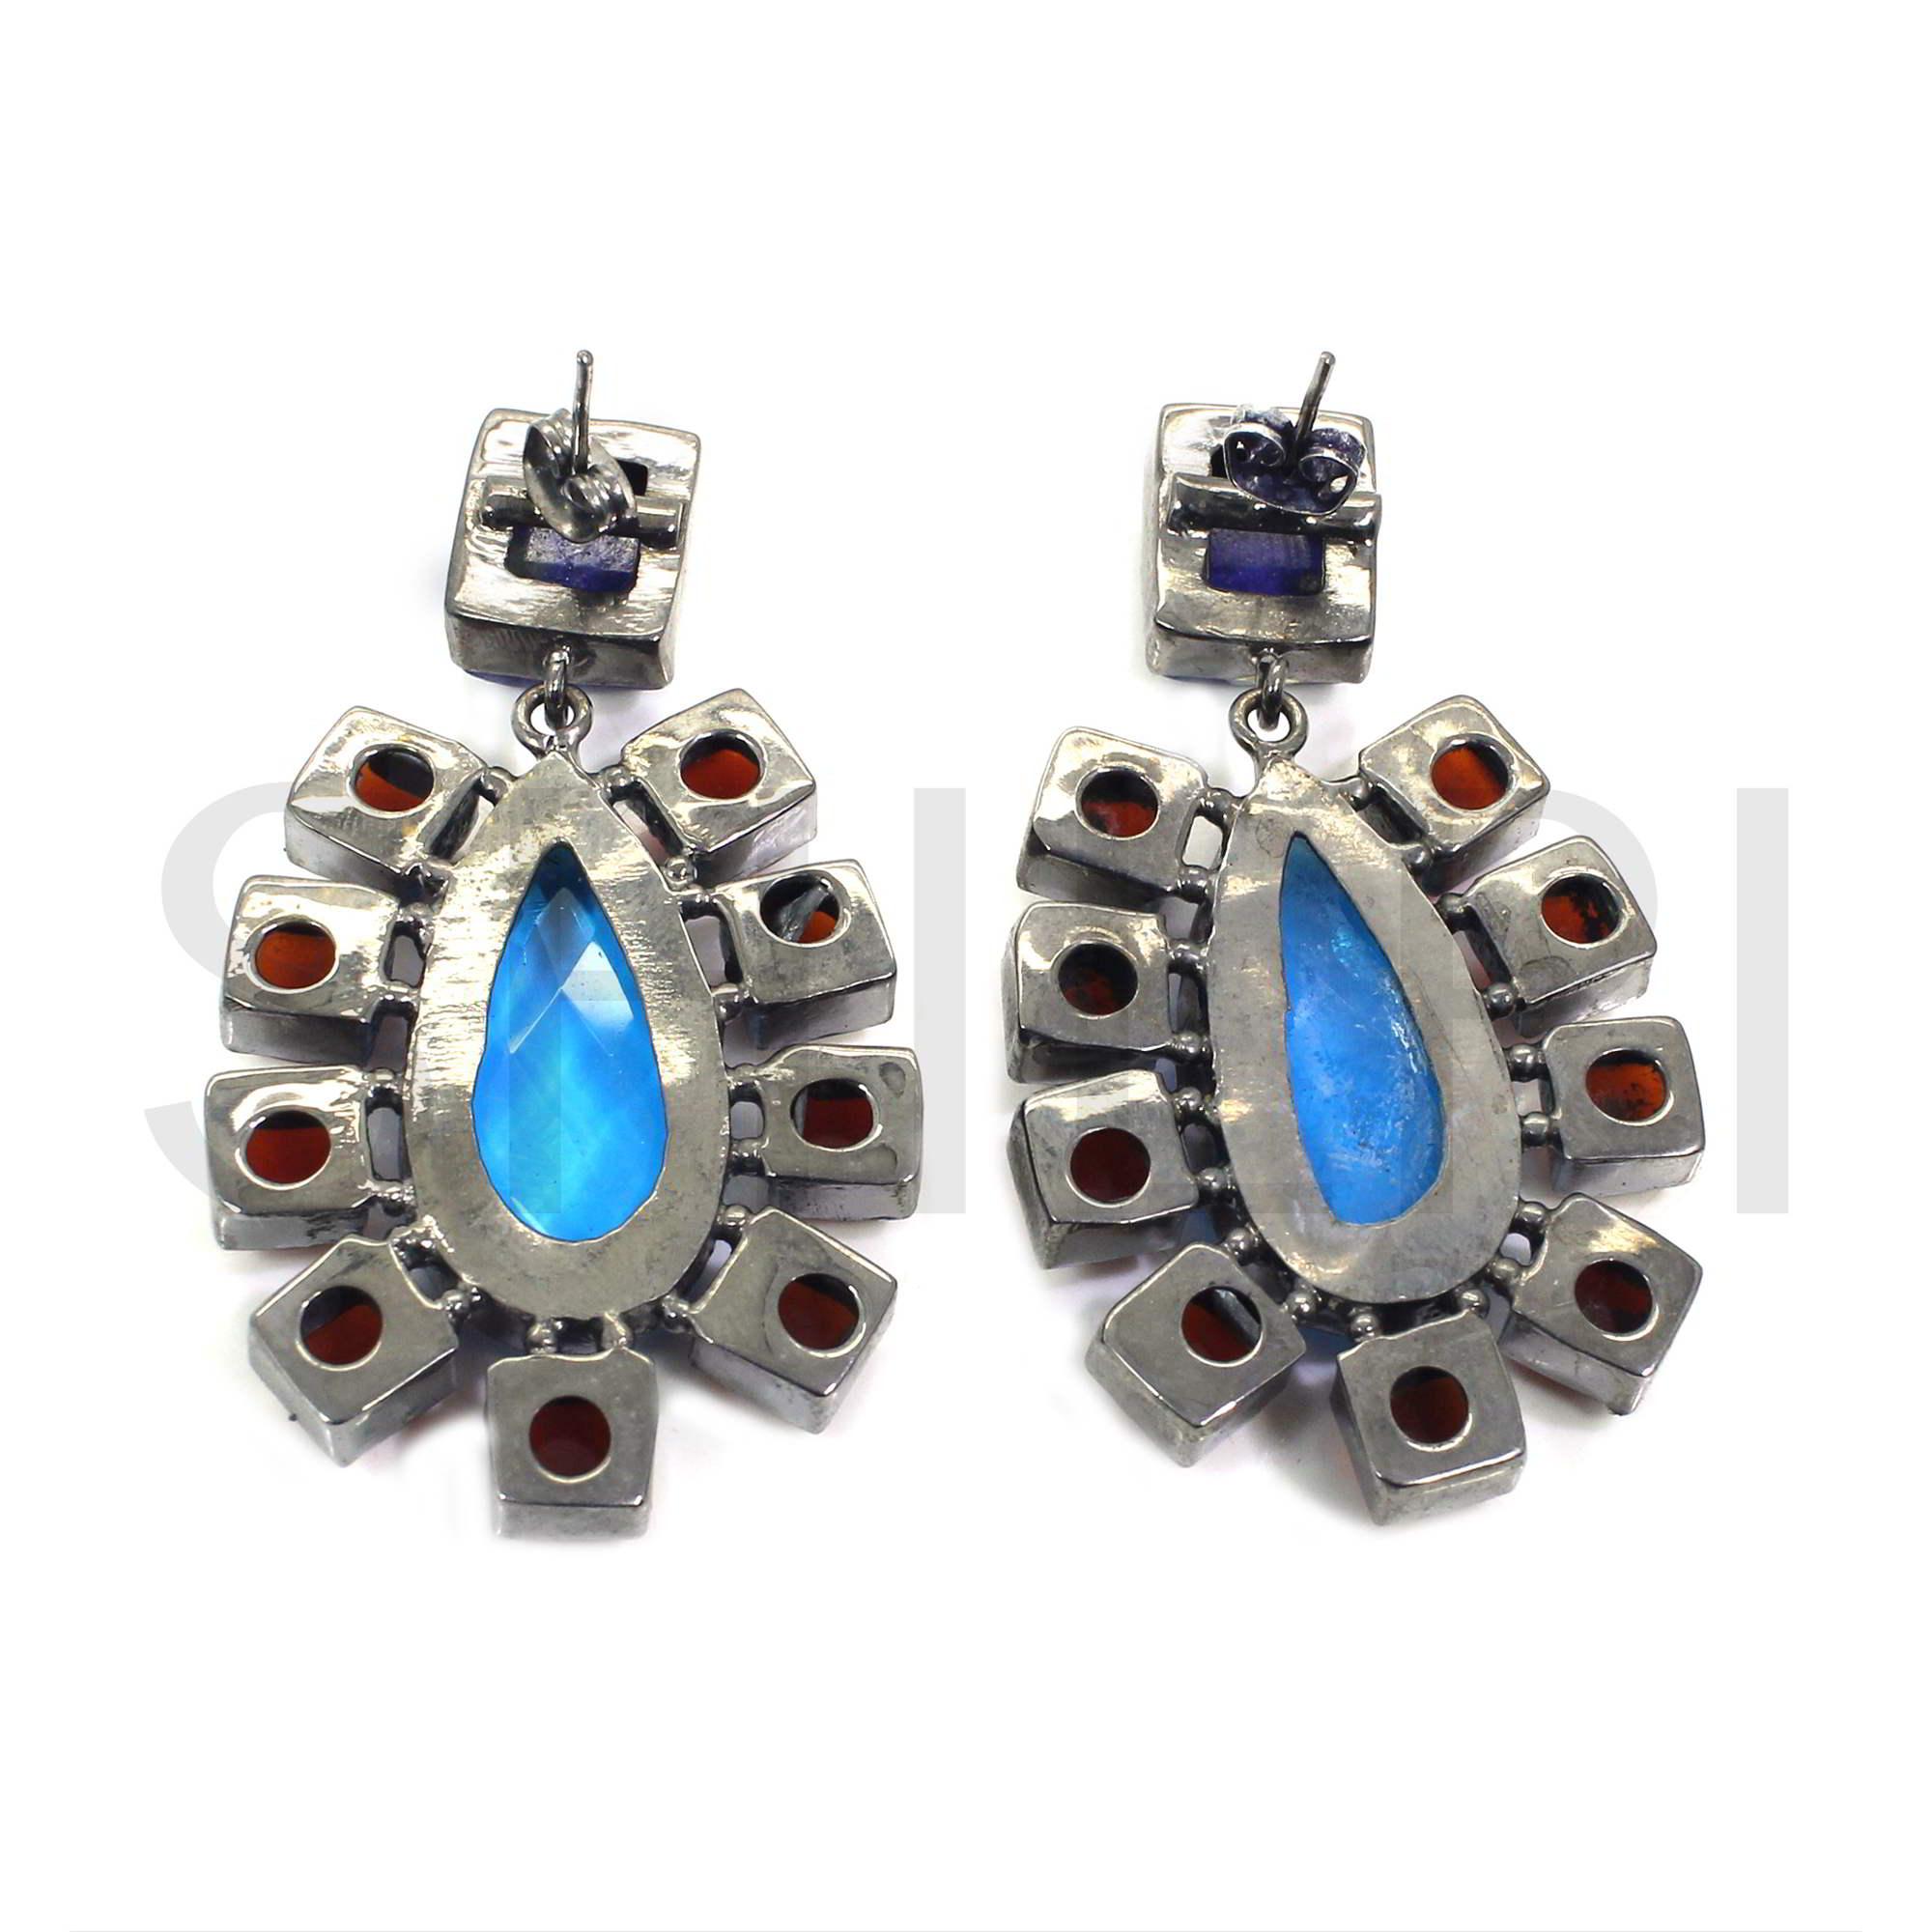 Multi Gemstone Black Ruthenium Plated Stud Earrings